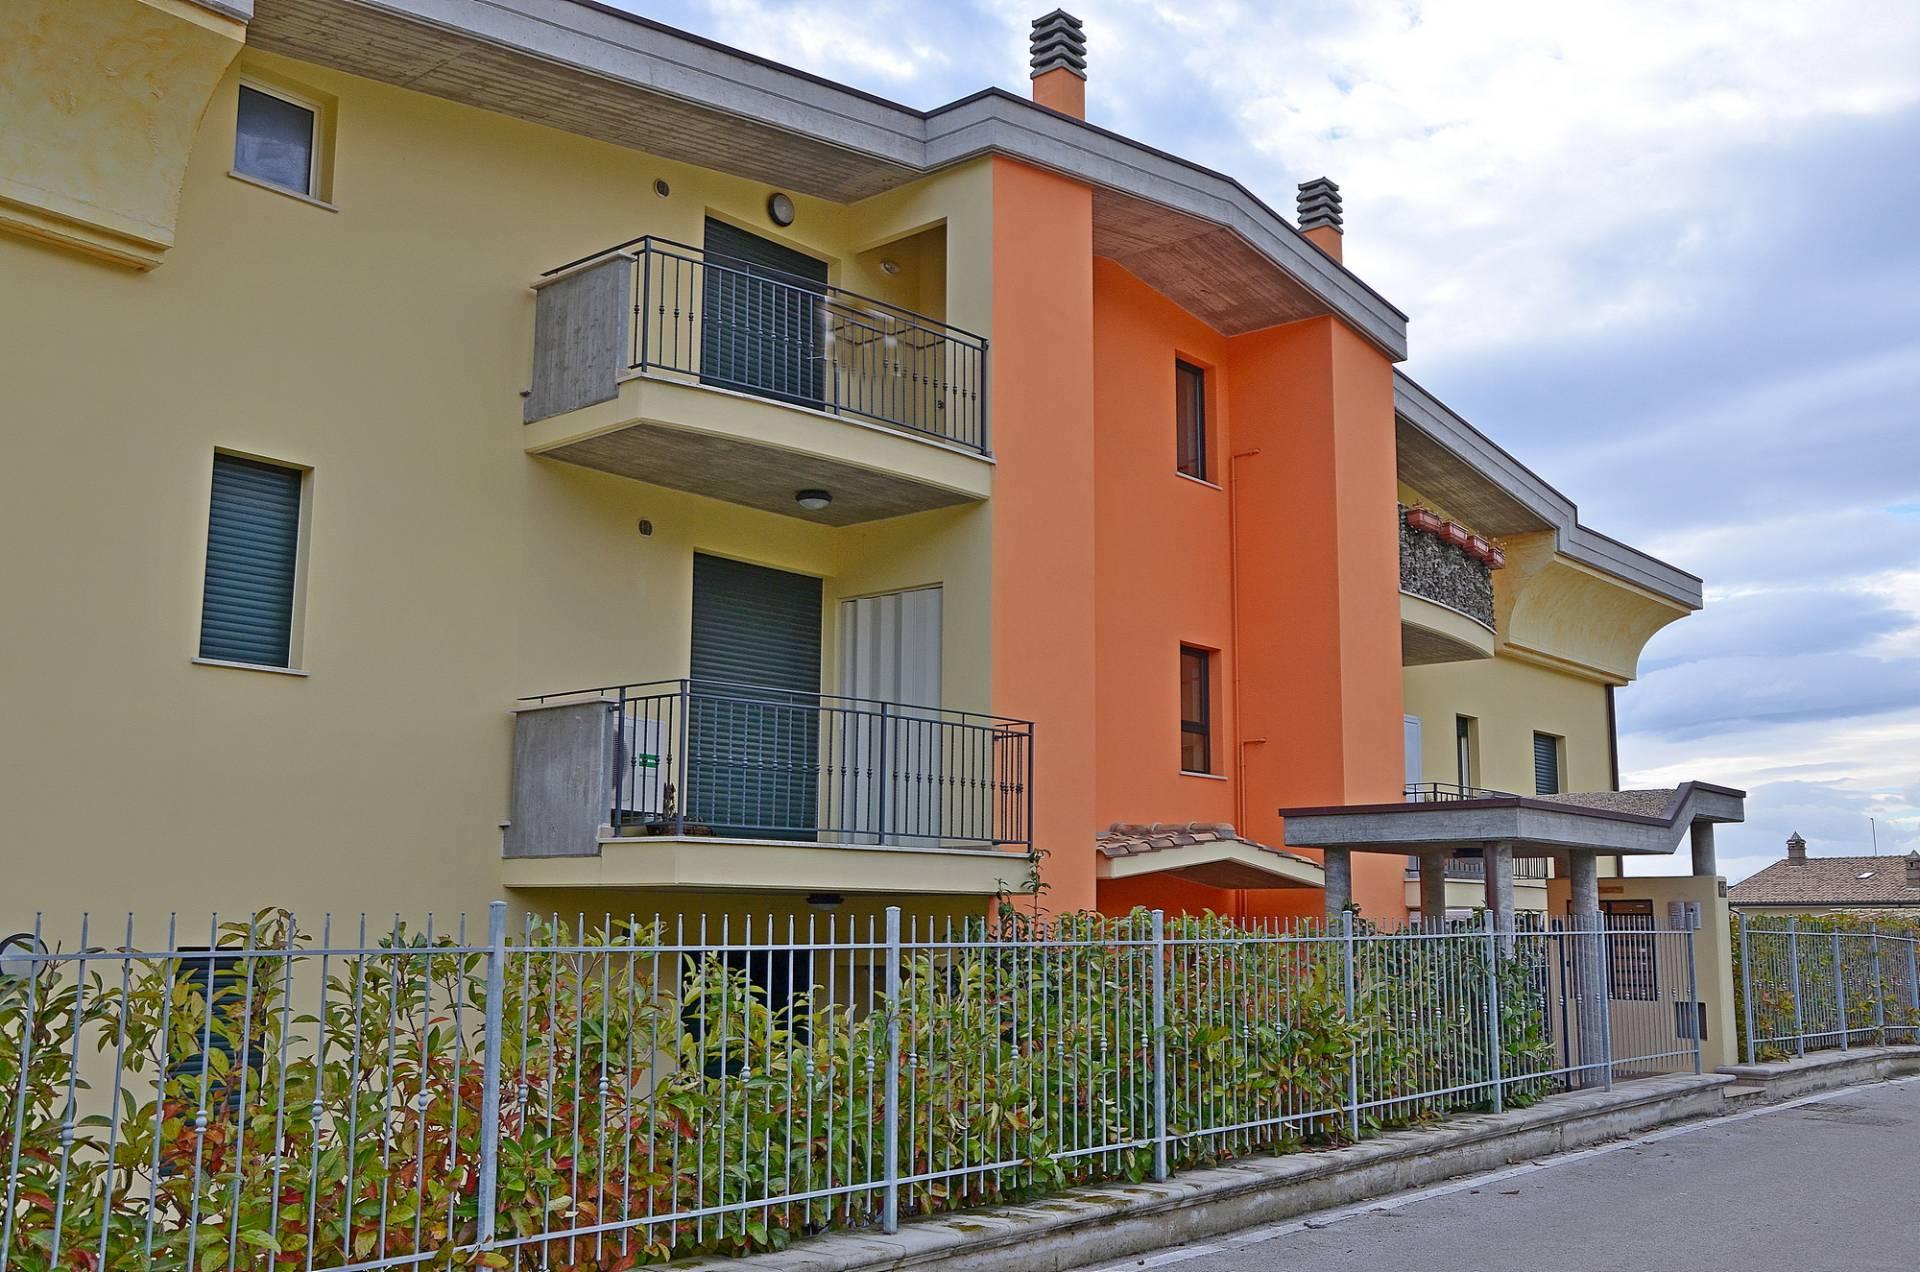 Appartamento in vendita a Città Sant'Angelo, 3 locali, prezzo € 85.000 | CambioCasa.it